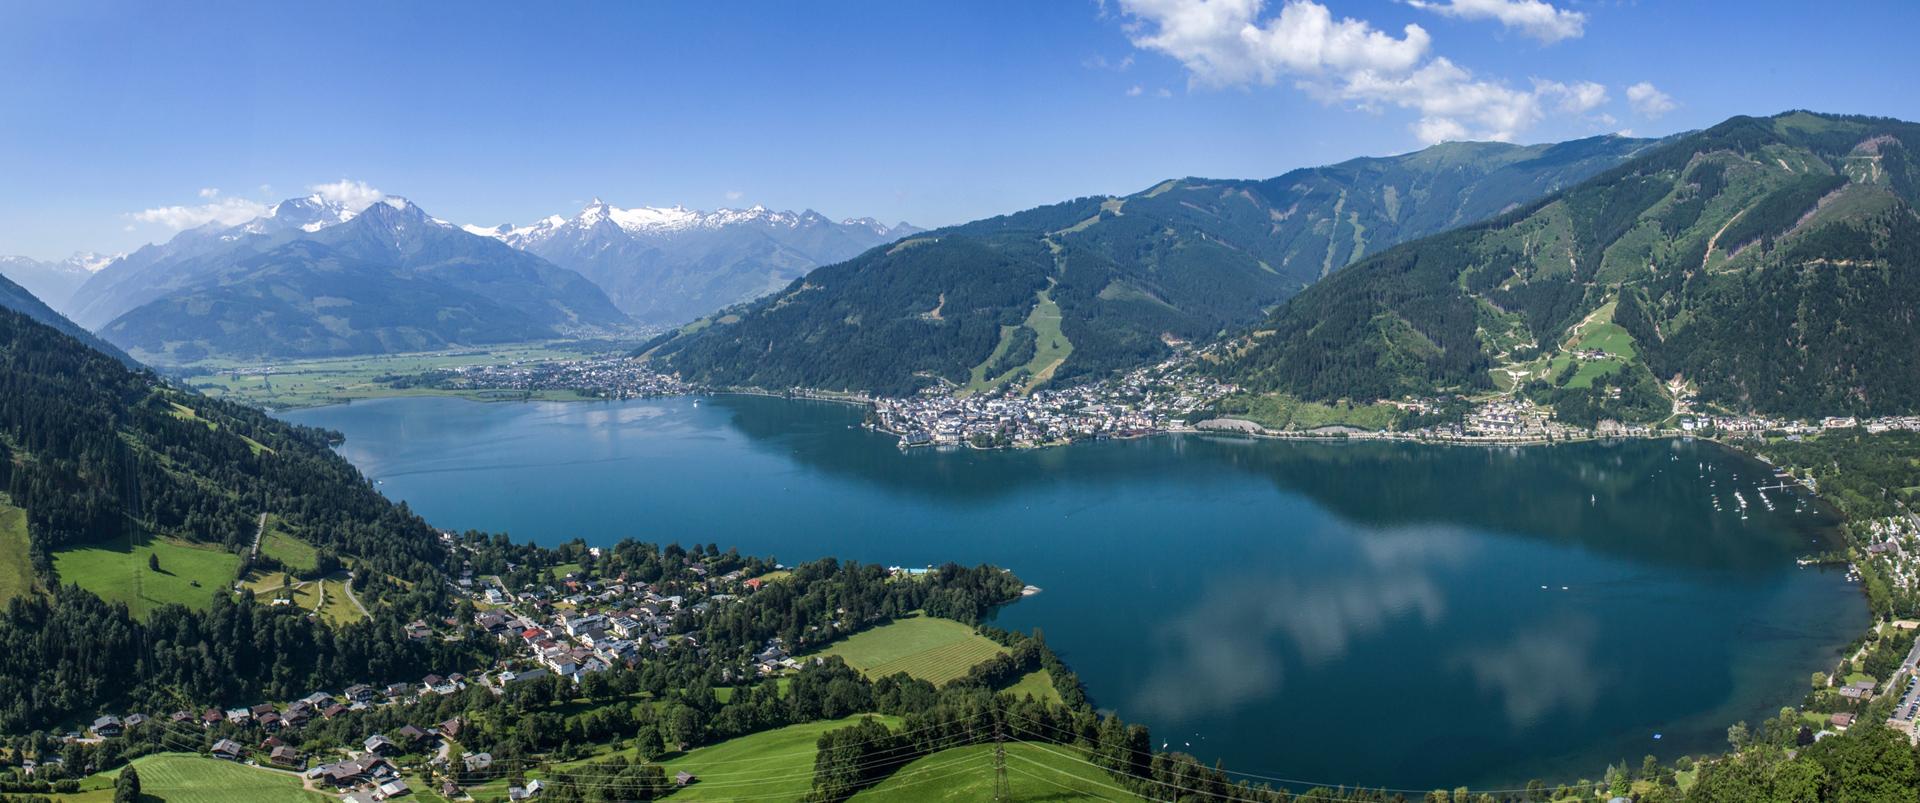 Der Zellersee im Sommer vom Berg aus gesehen